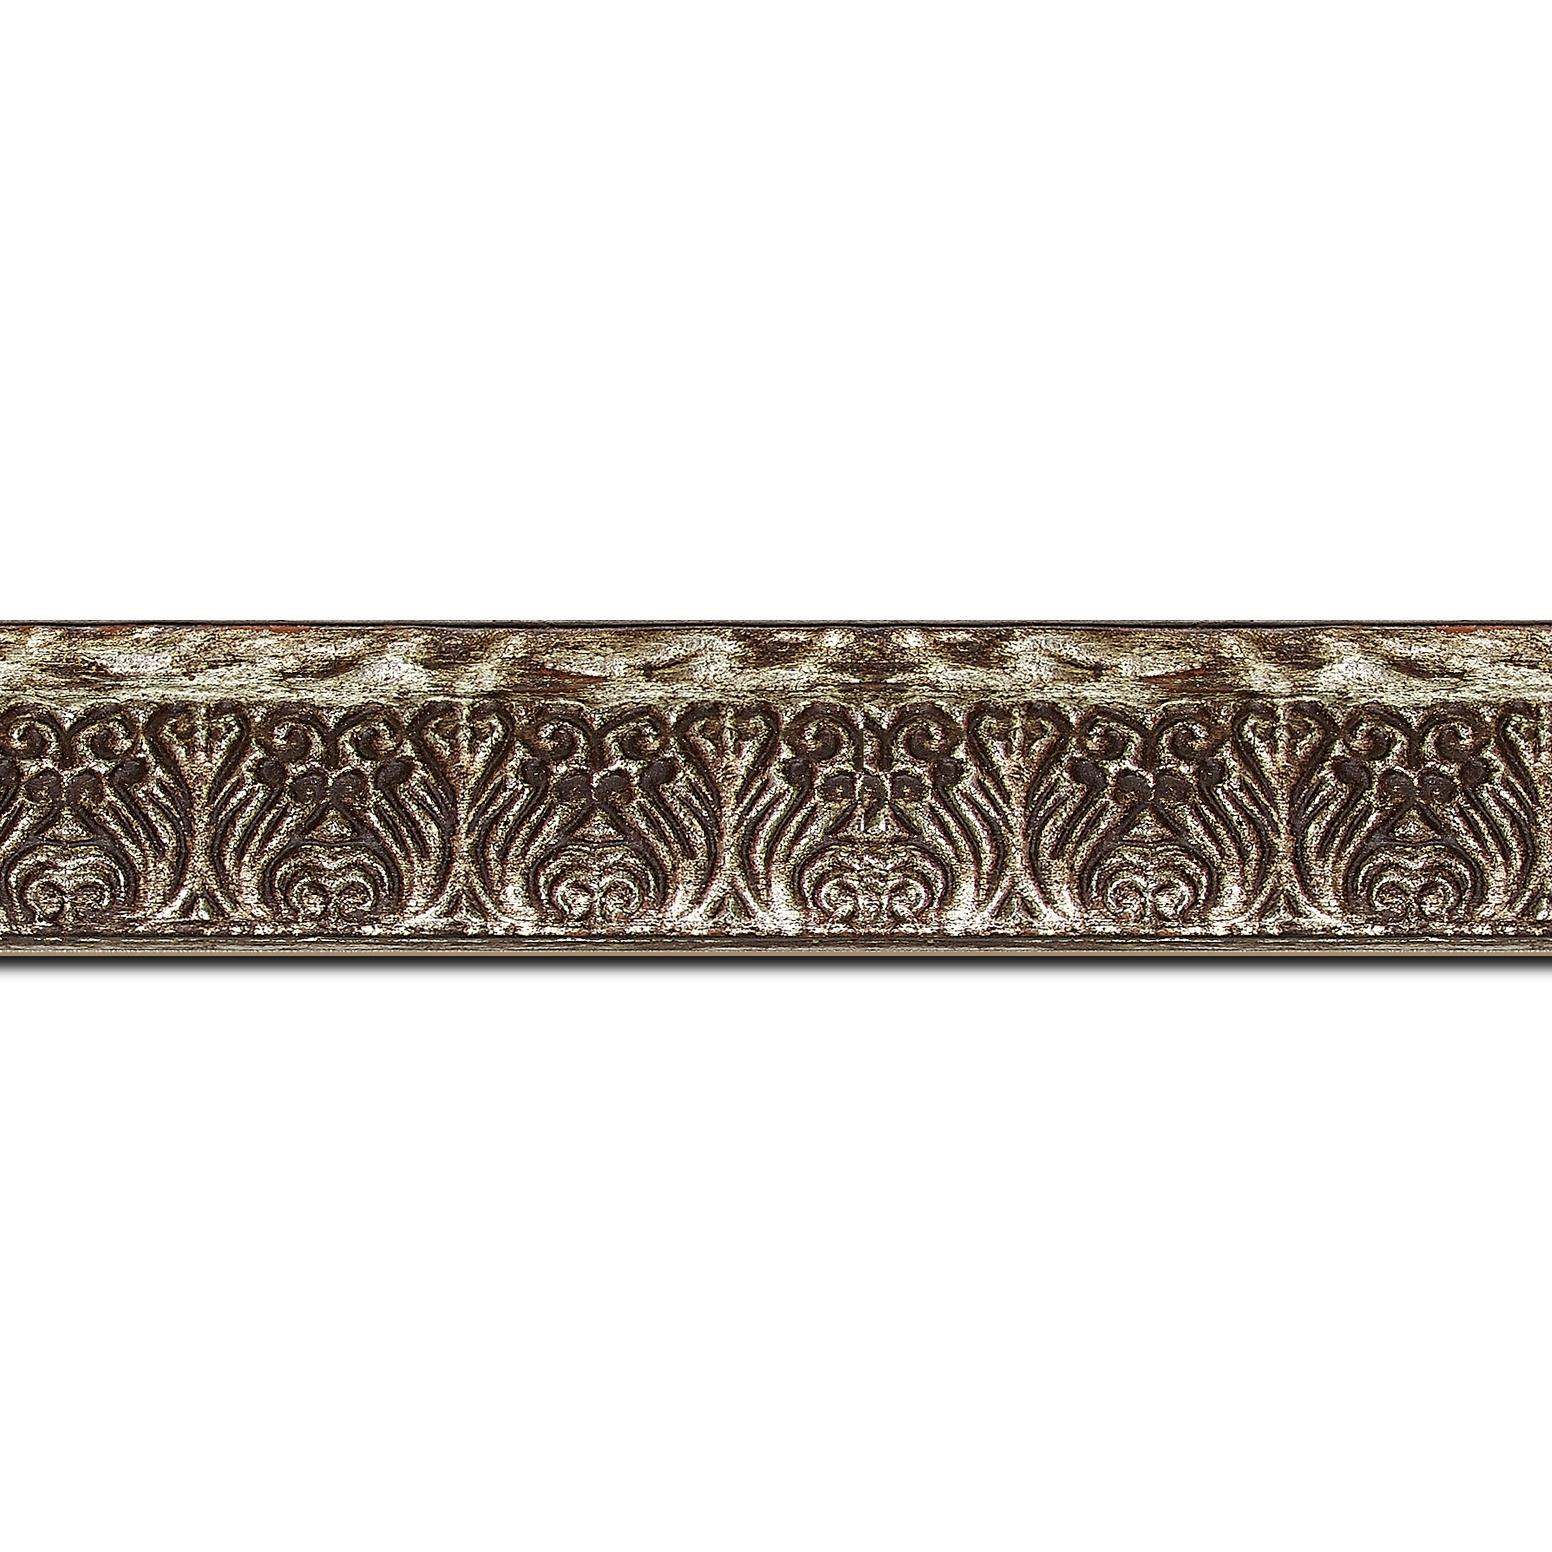 Pack par 12m, bois profil incurvé largeur 3cm argent chaud antique vieilli à la feuille style (longueur baguette pouvant varier entre 2.40m et 3m selon arrivage des bois)